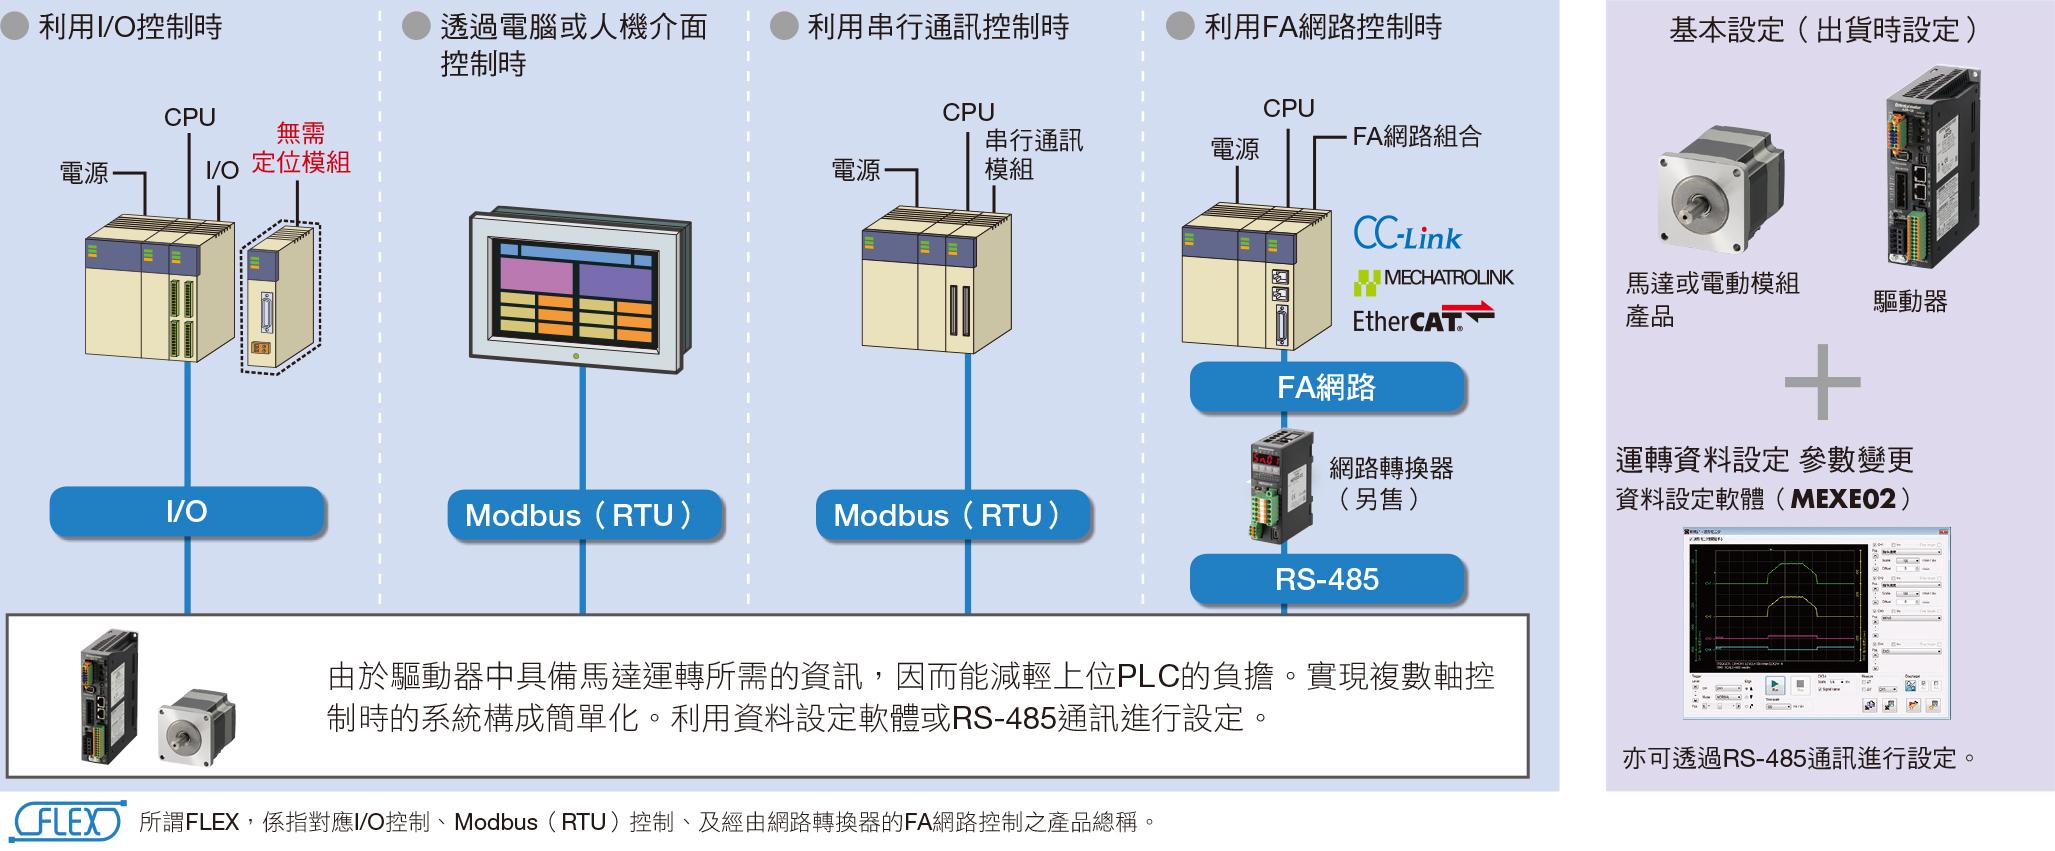 東方馬達 Oriental motor _系統構成 使用I/O控制或RS-485通訊的構成範例